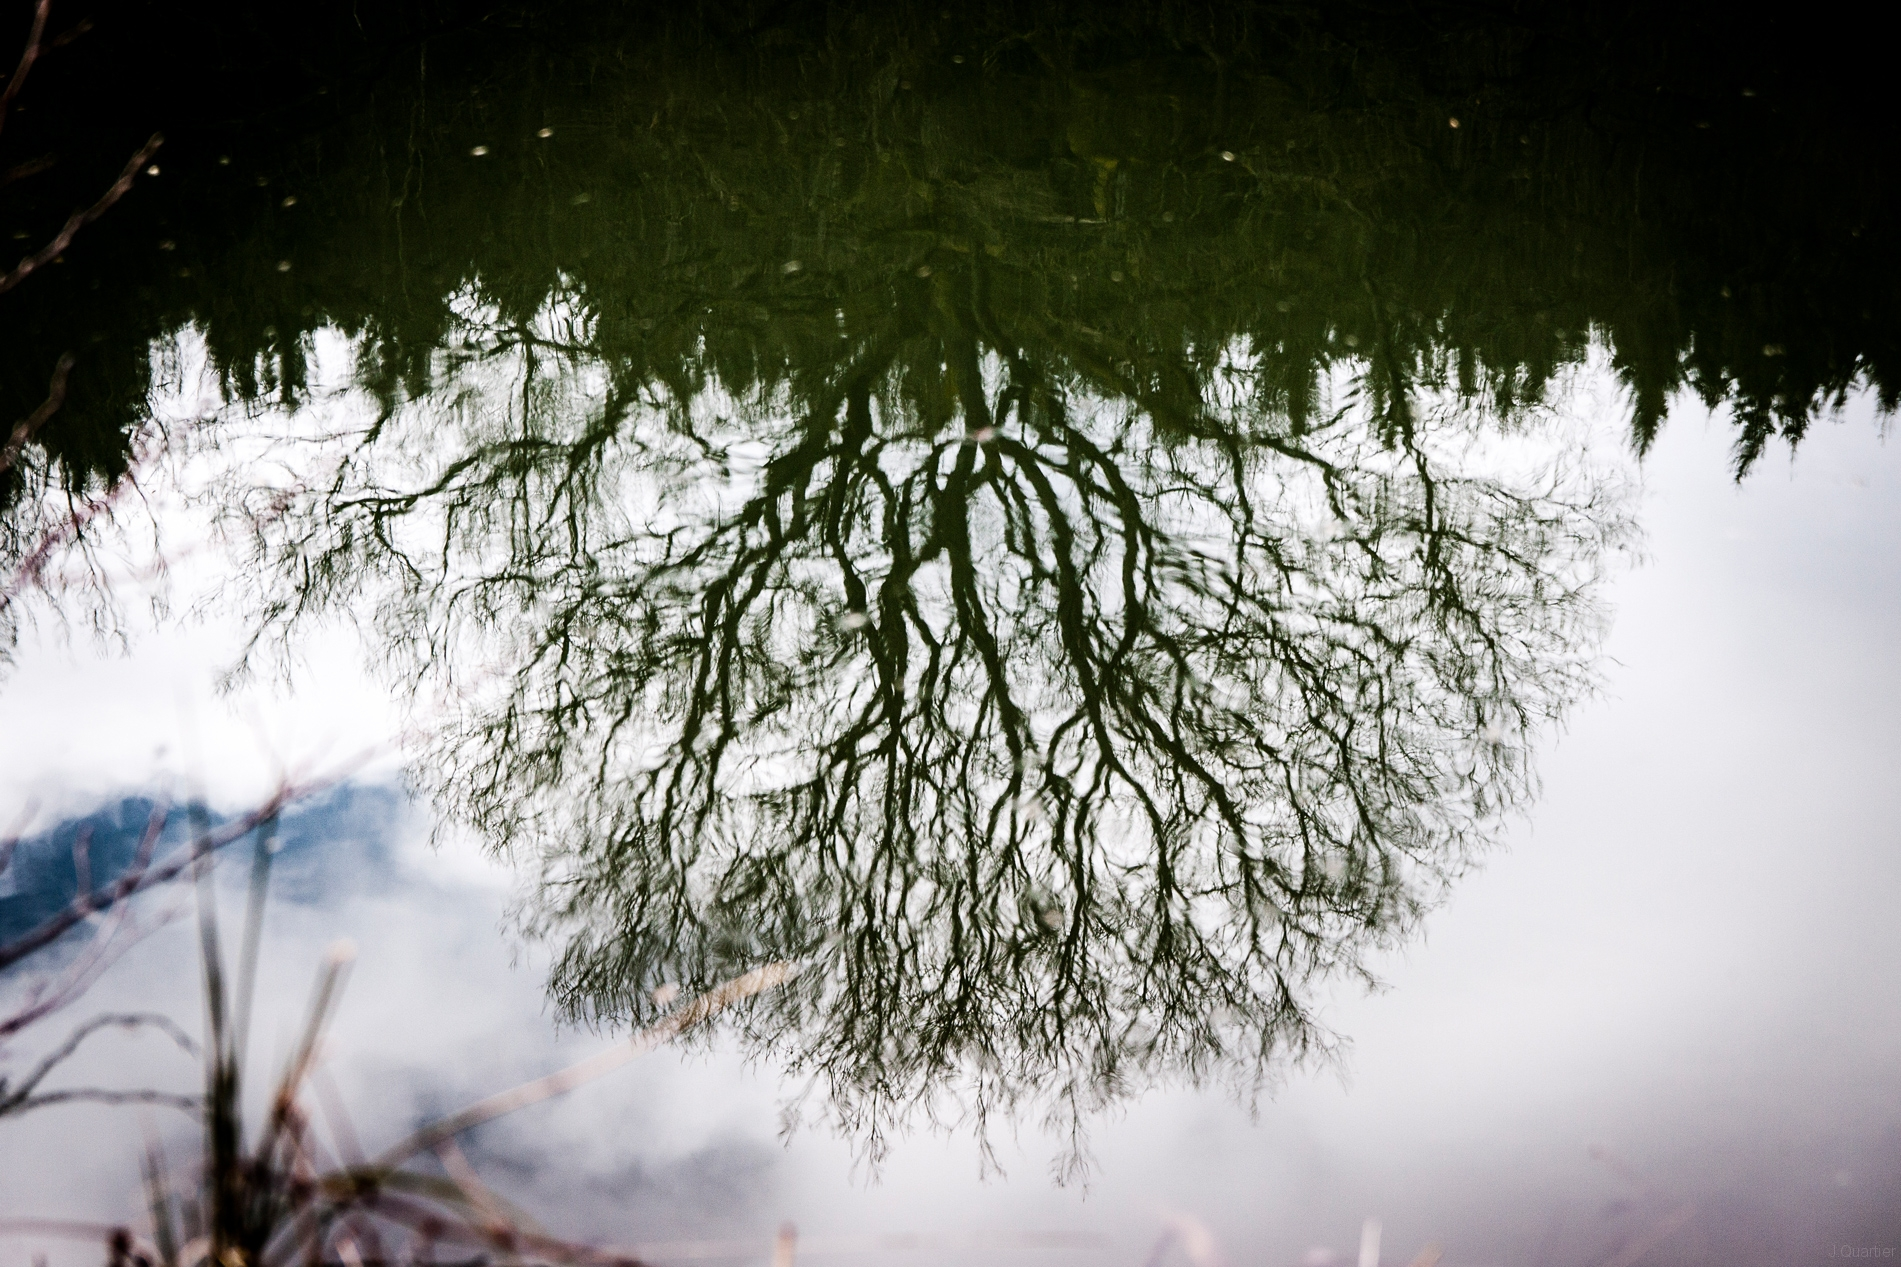 Baum_Wasser.jpg